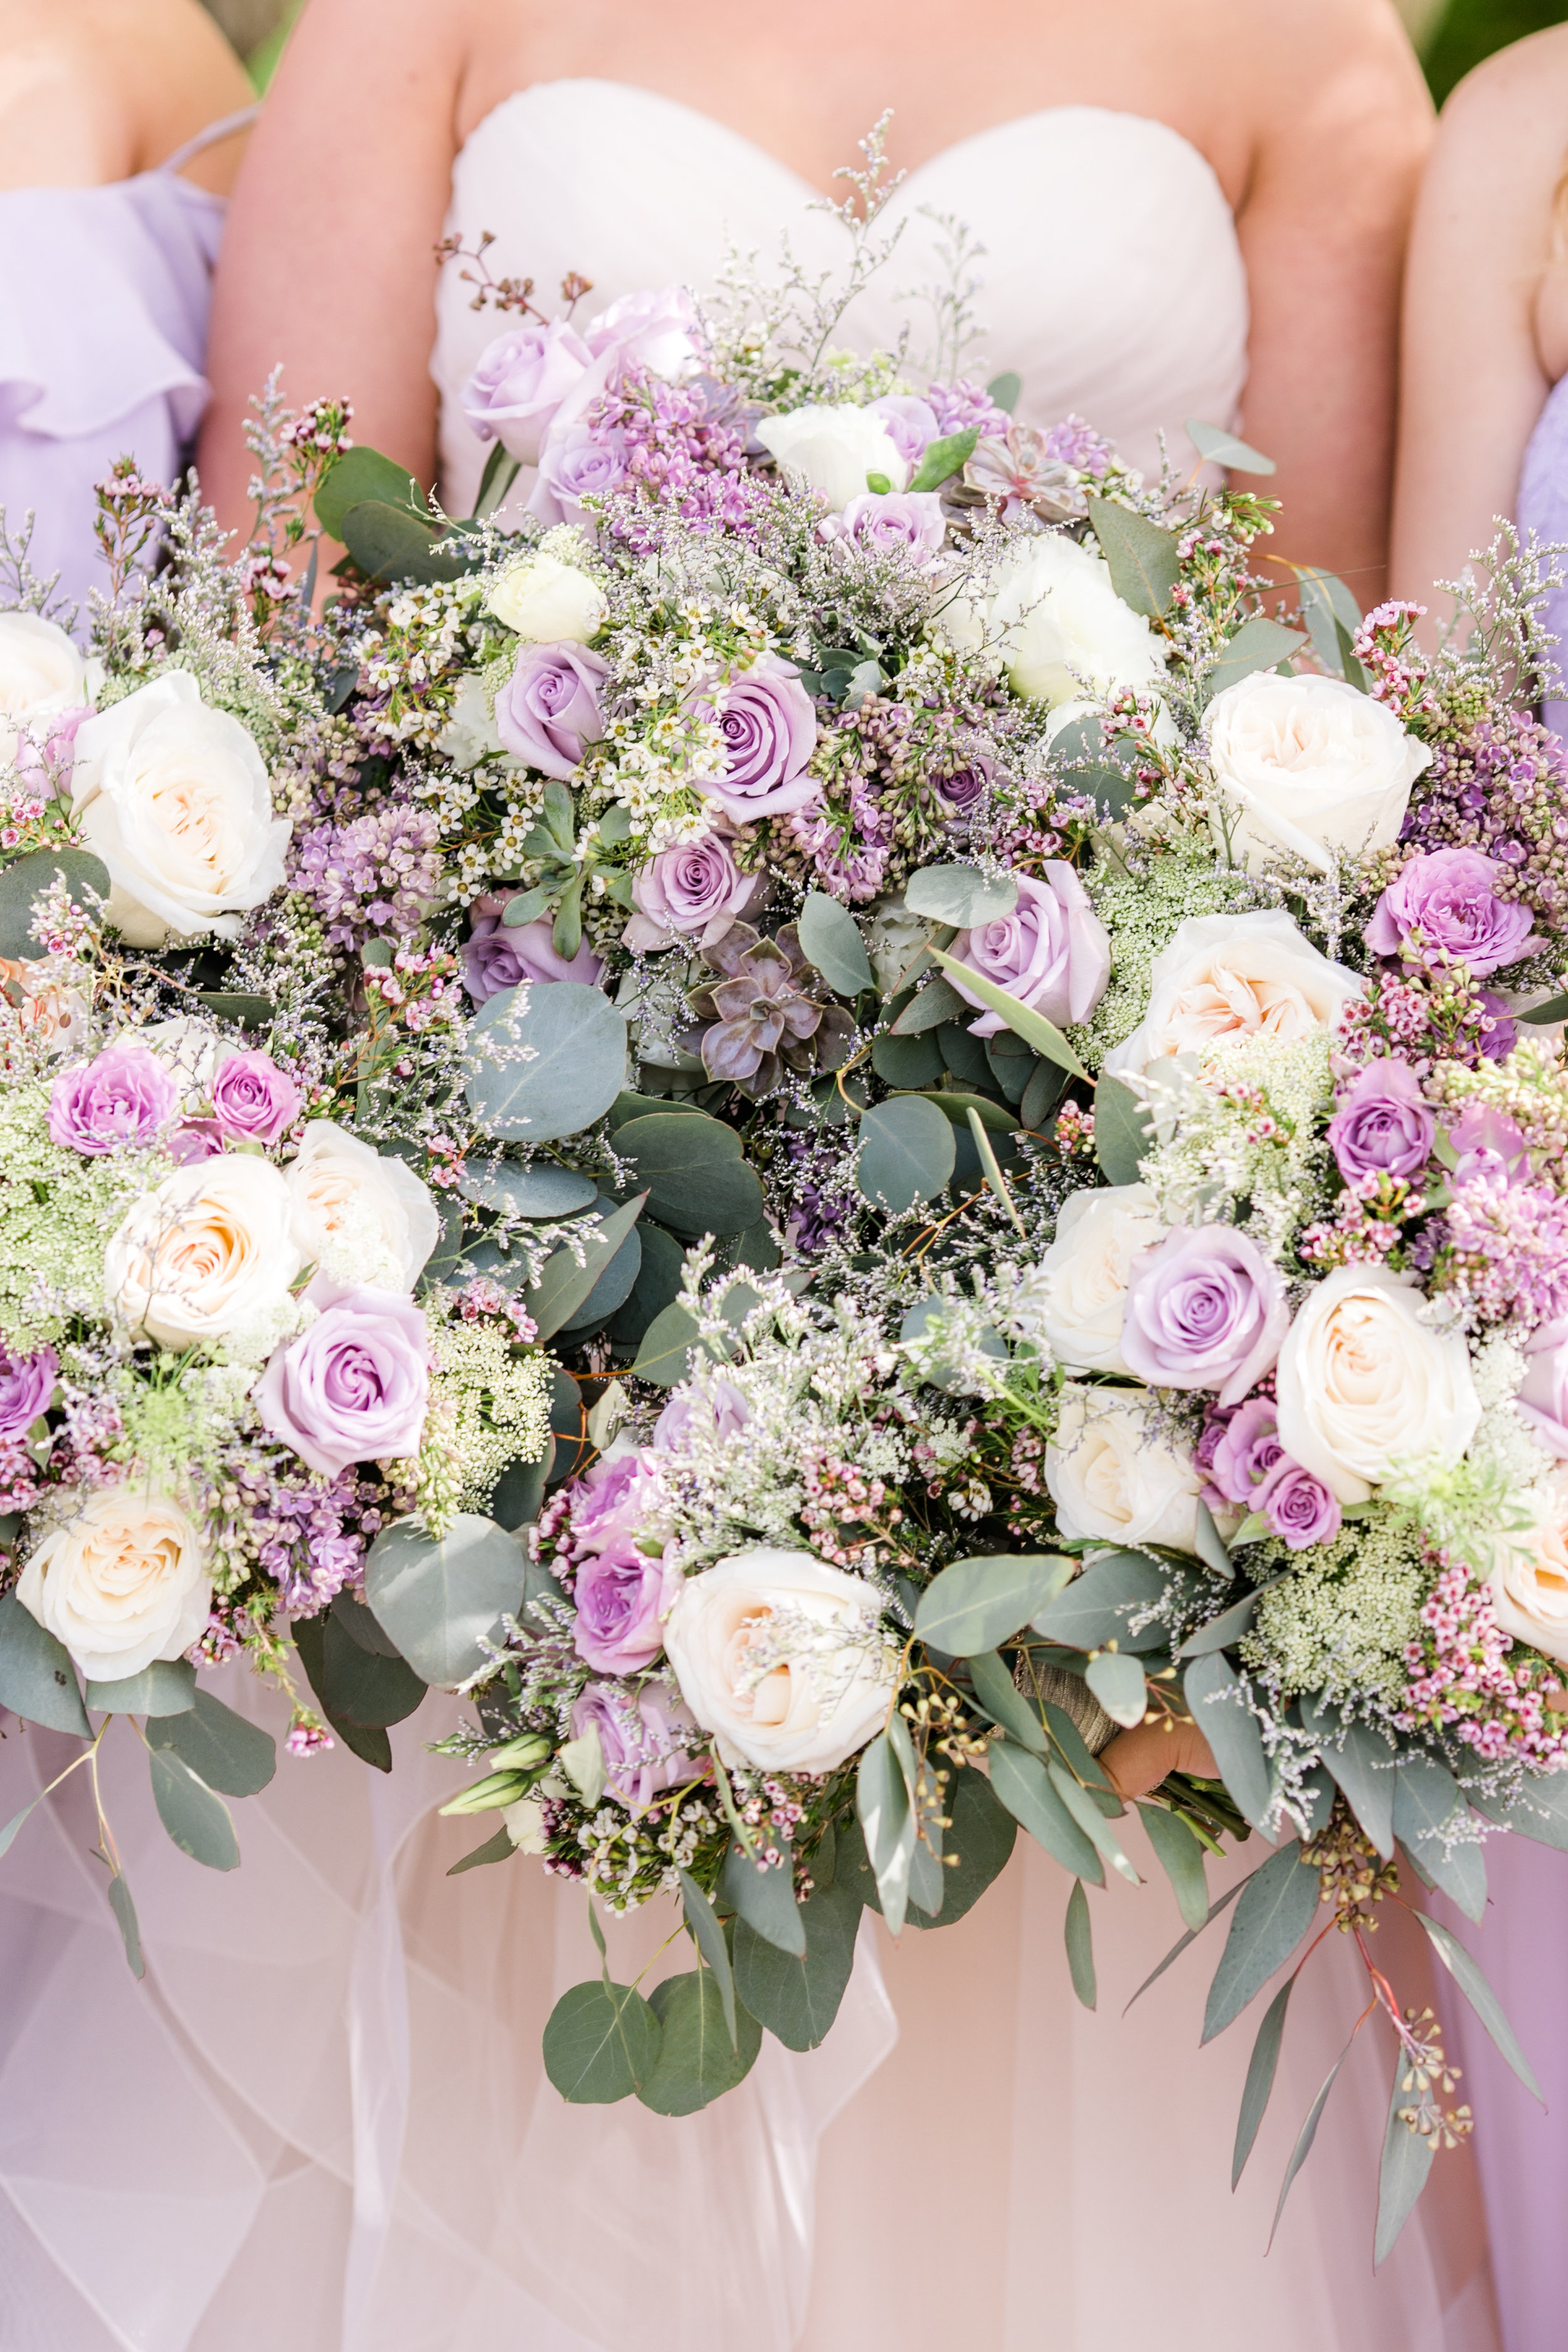 Wedding party, bridal party, wedding florals, bridesmaid bouquets